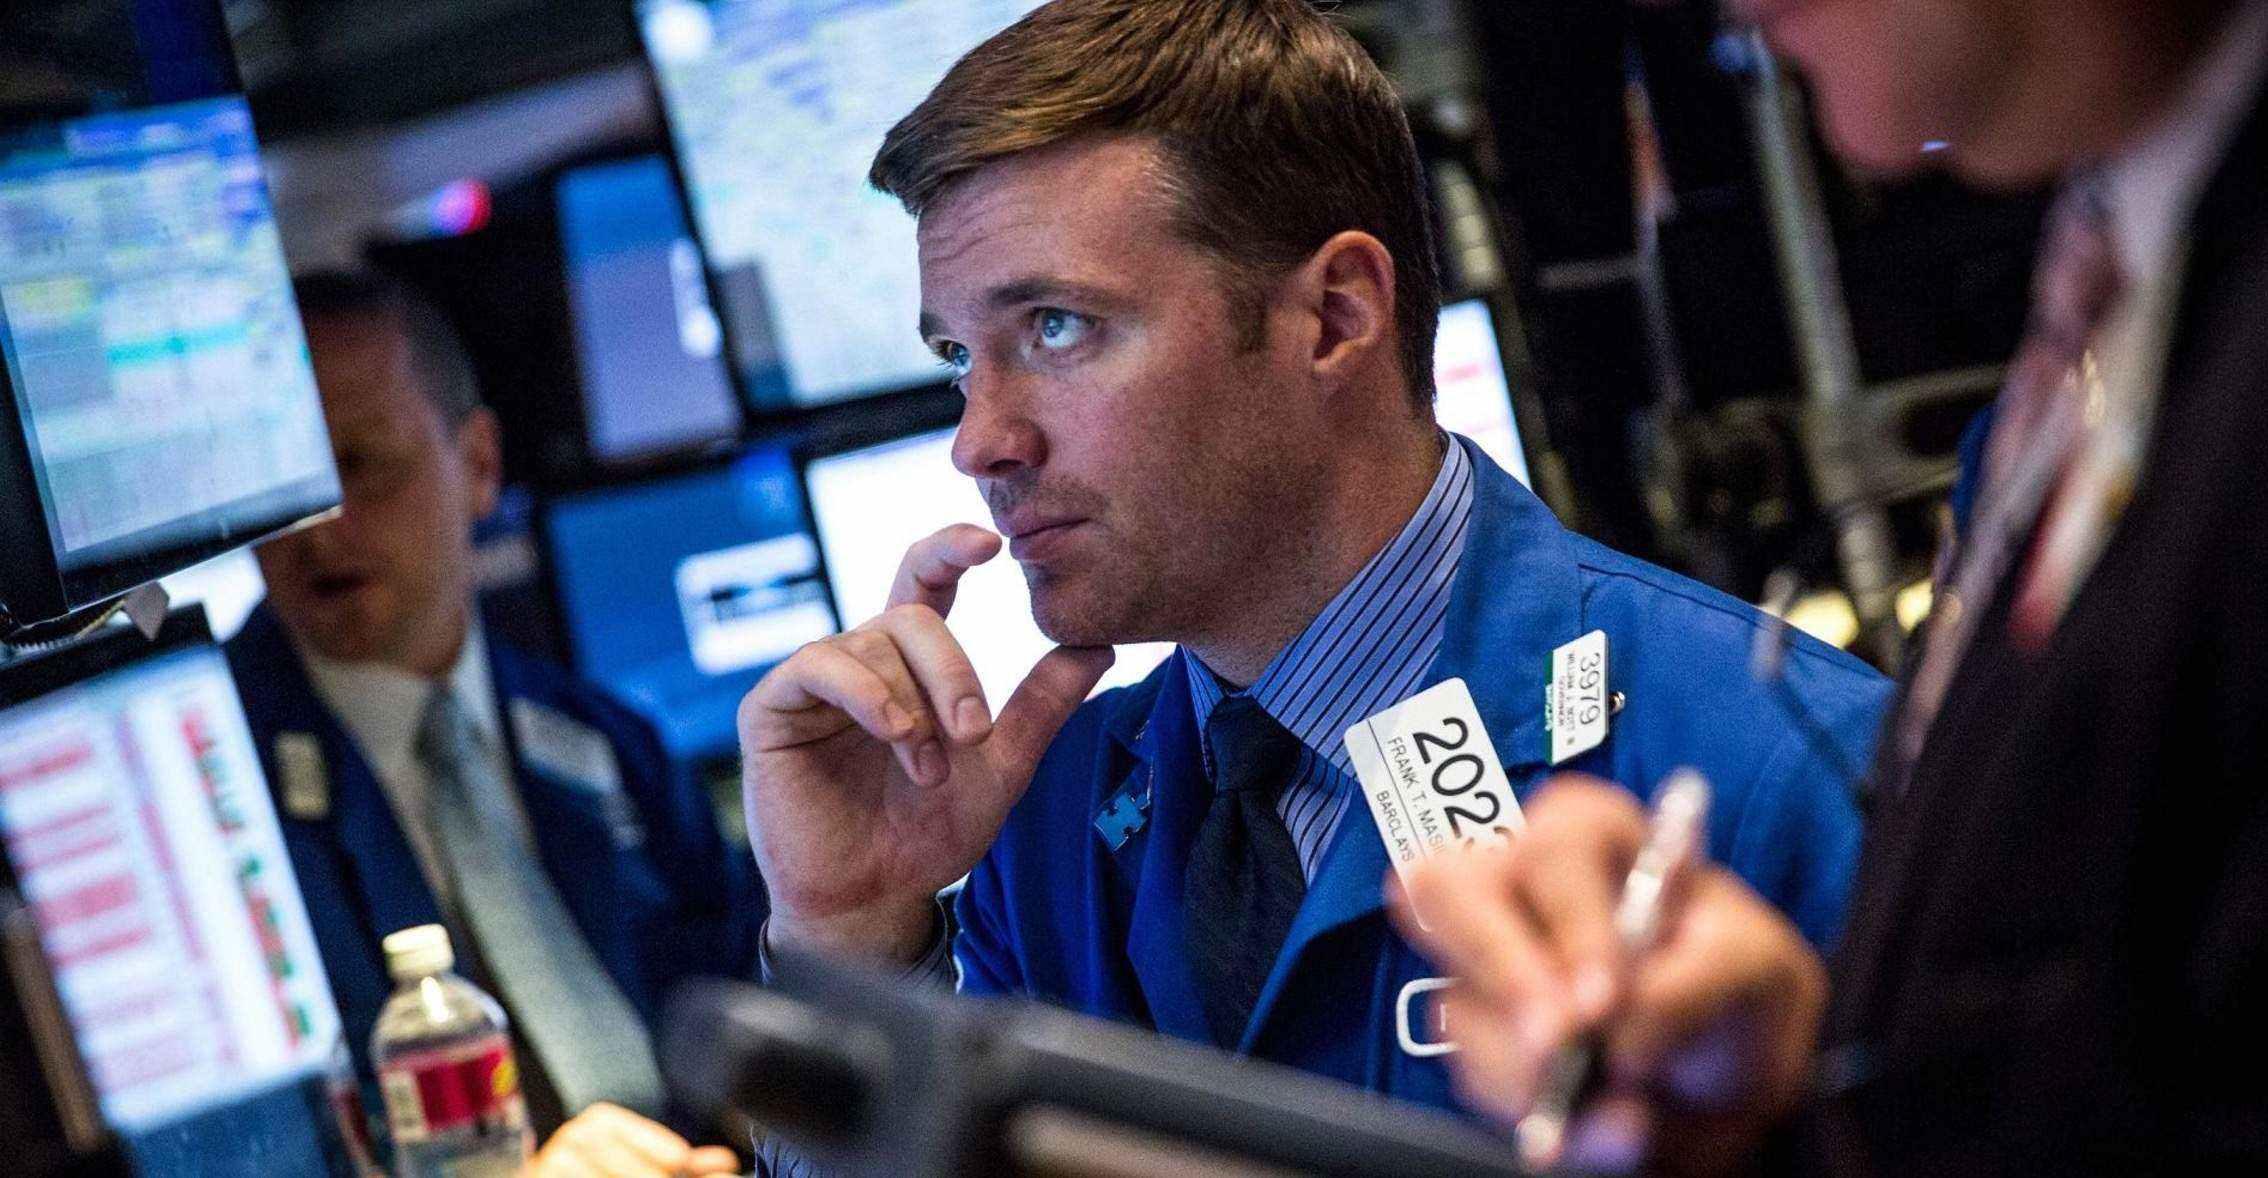 强劲就业数据助美国股指开盘全线上涨 科技股领涨全盘